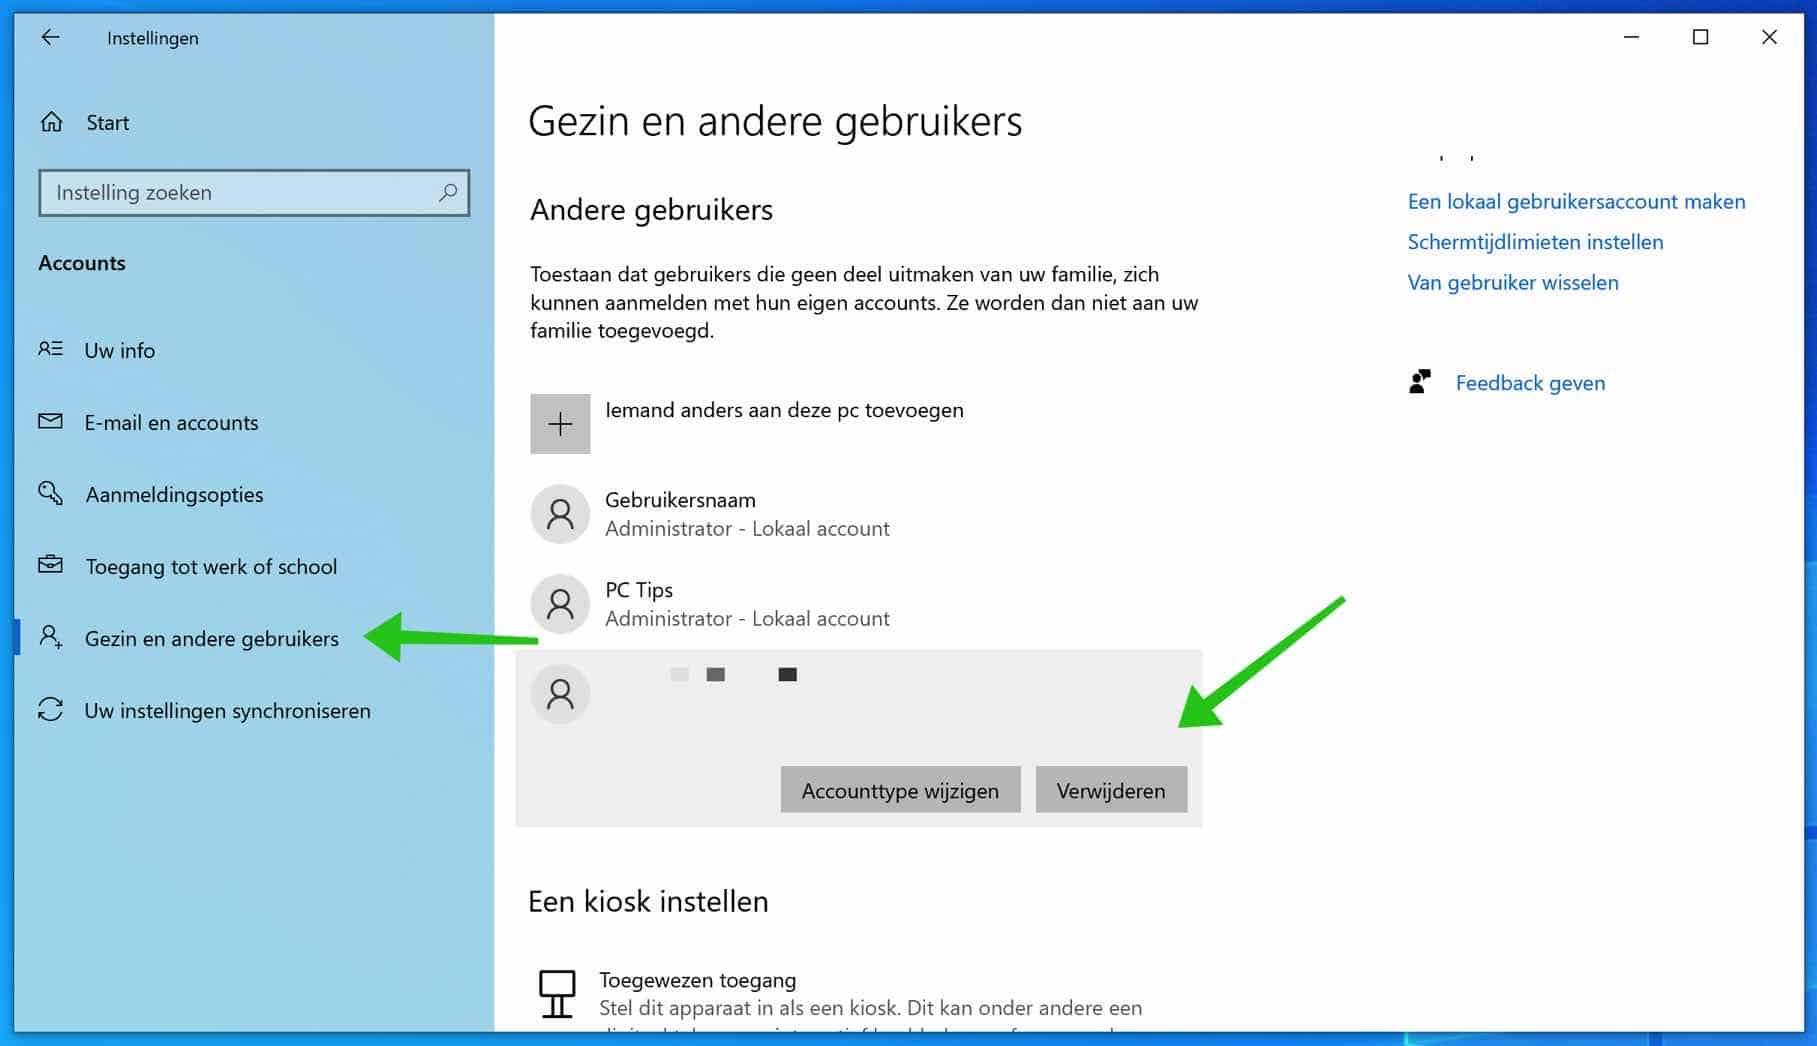 microsoft account verwijderen uit windows 10